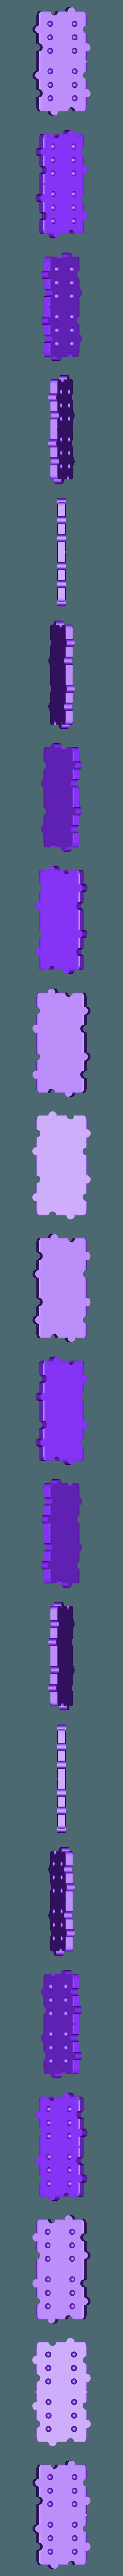 Ligne 6.stl Download STL file Domino 3D • 3D print design, graphismeMIH